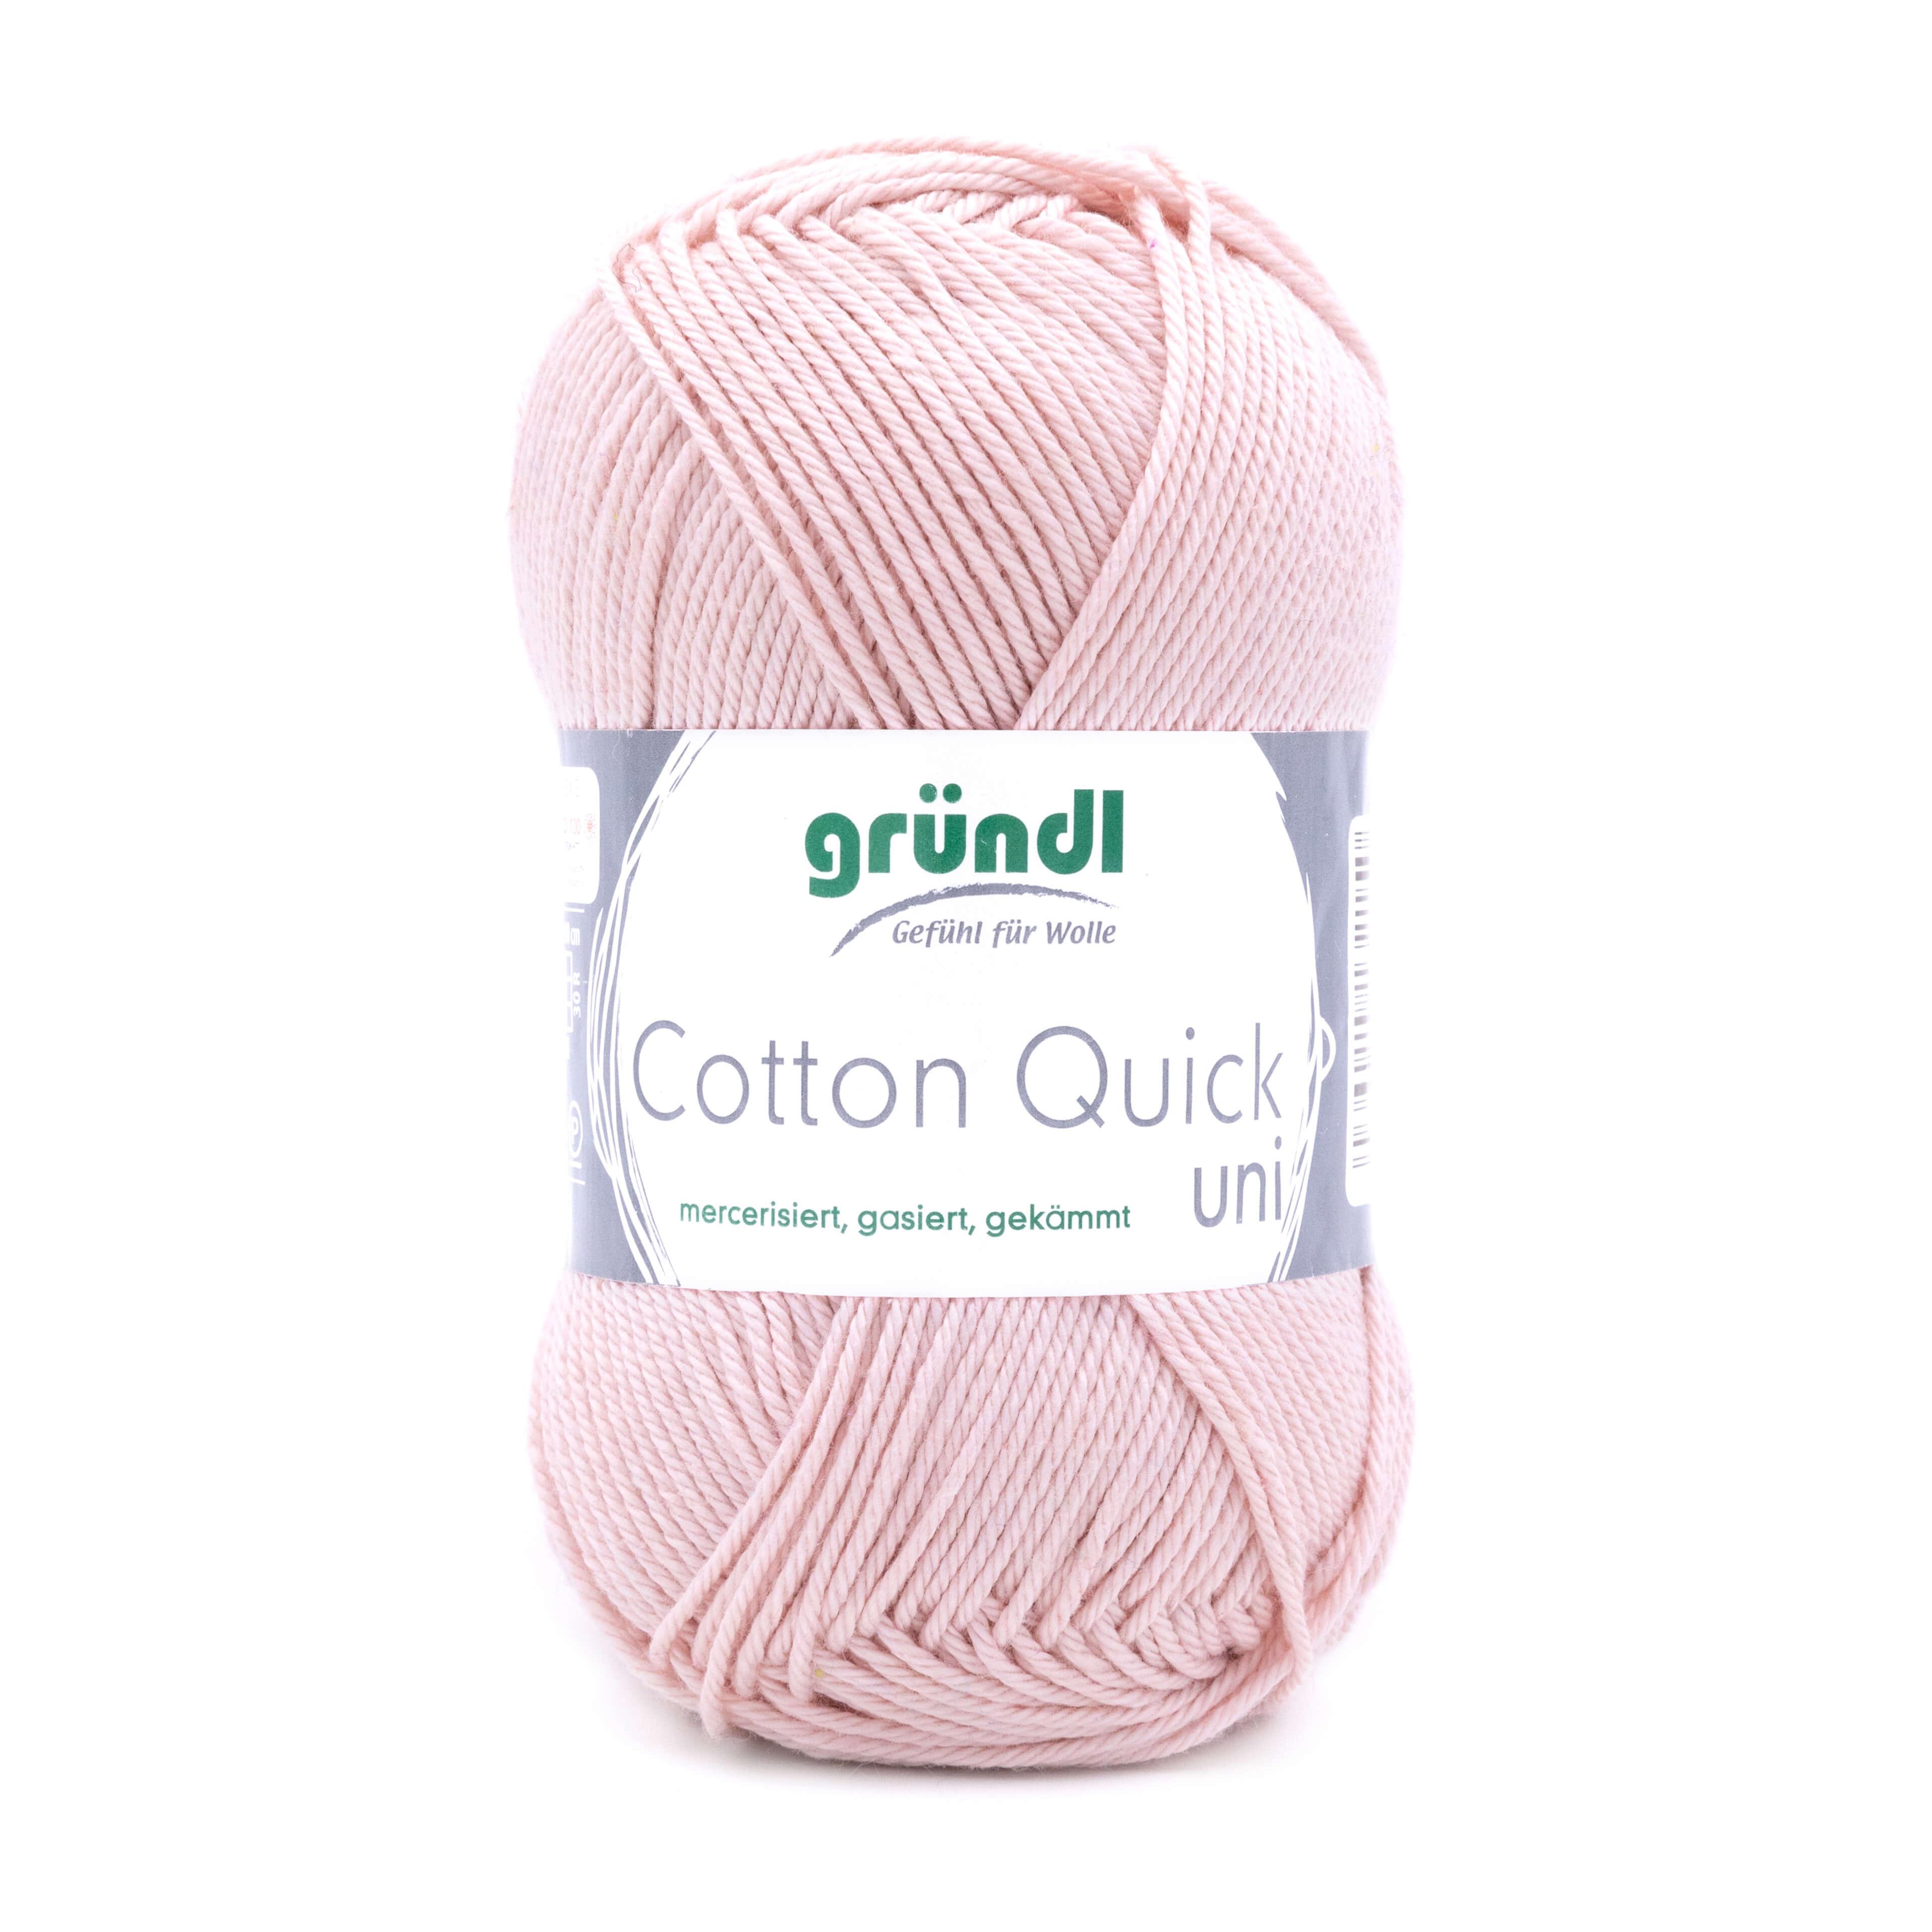 Nudefarbene Wolle zum Stricken und Häkeln von Gründl Wolle